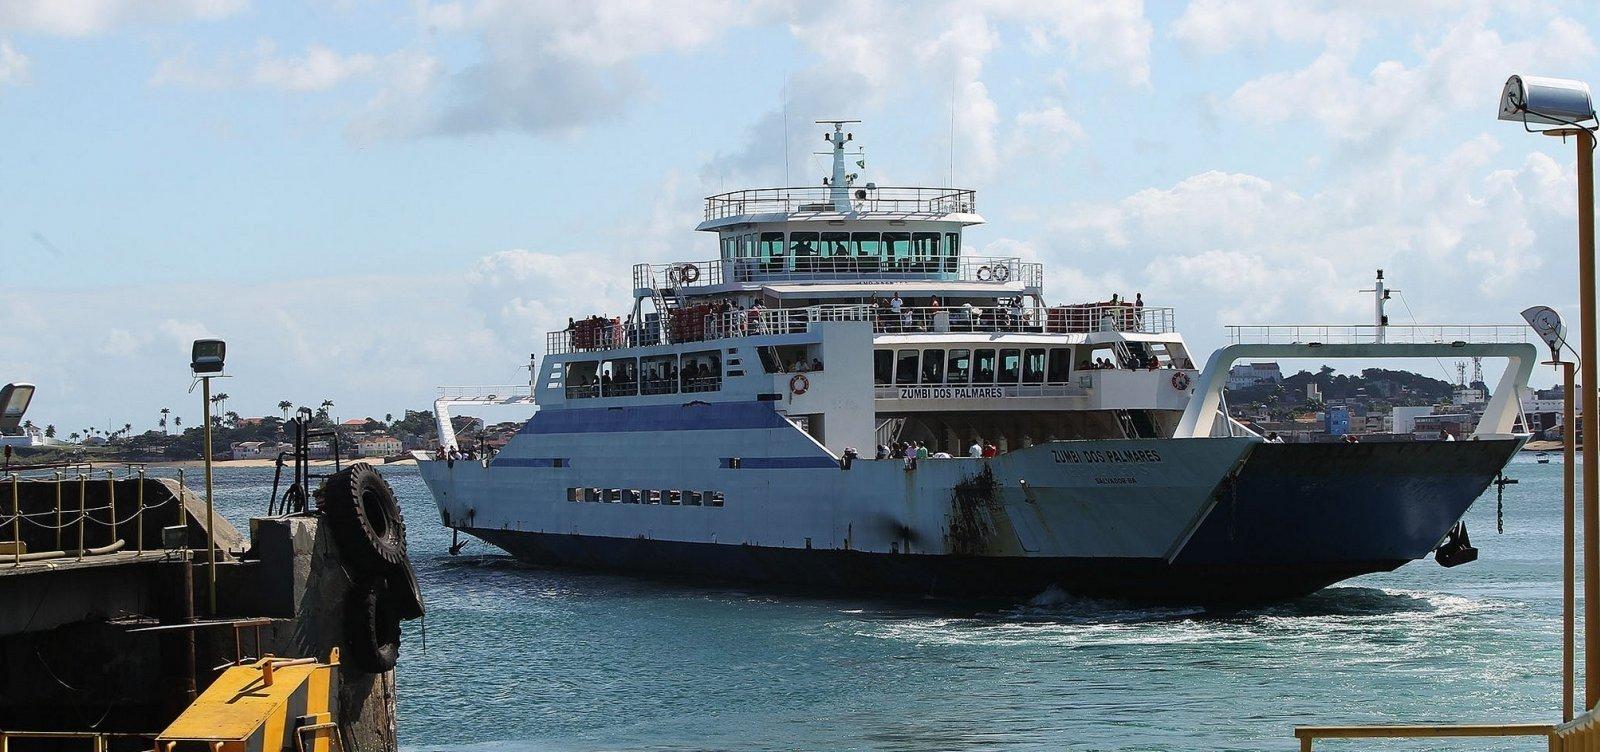 [Ferry-boat tem movimento intenso e viagens a cada meia hora]